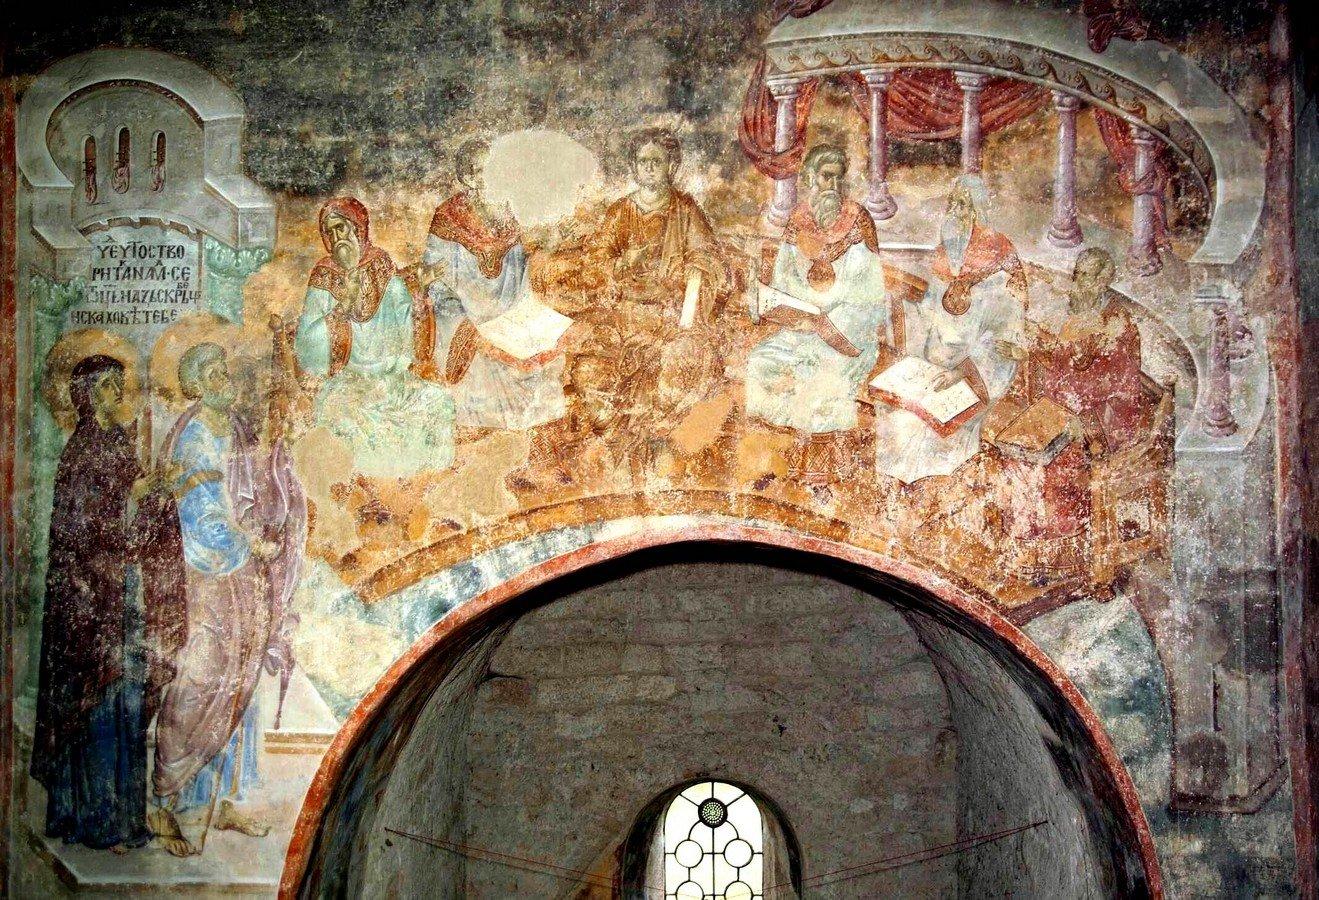 Преполовение Пятидесятницы. Фреска церкви Святой Троицы в монастыре Сопочаны, Сербия. 1265 год.